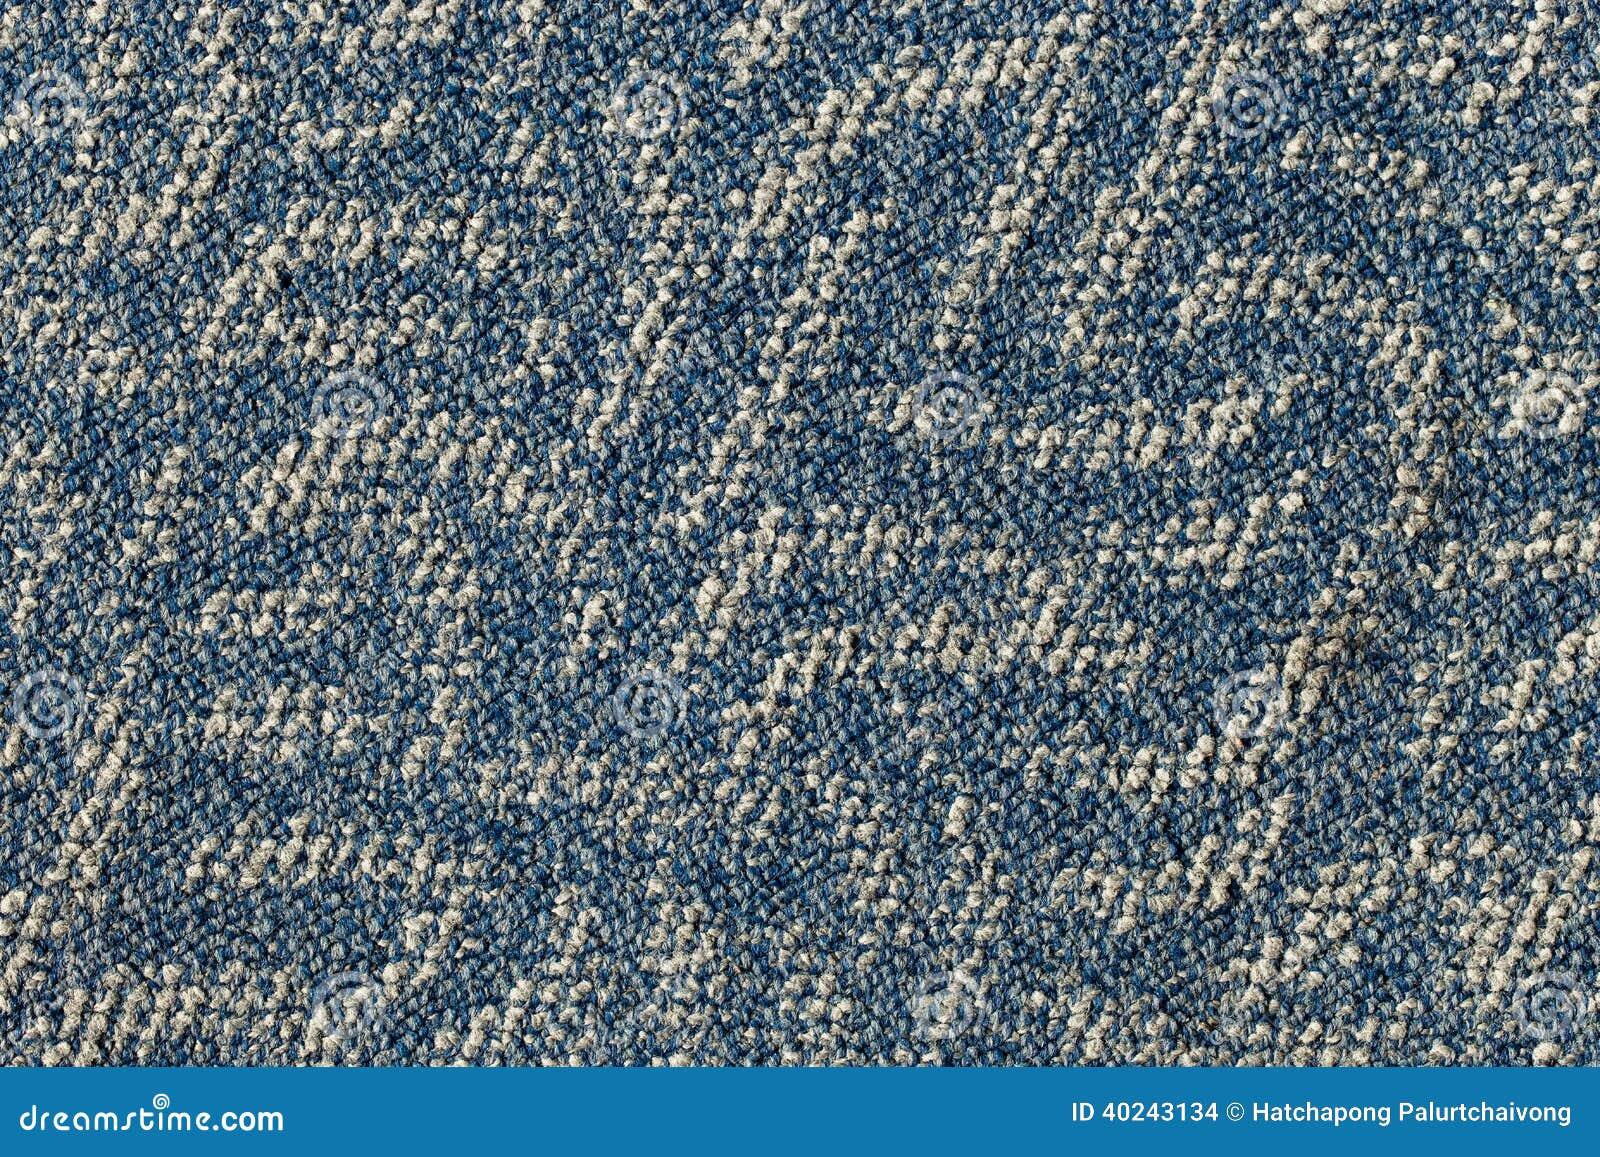 blauer teppichboden stockfoto - bild: 40243134, Hause ideen